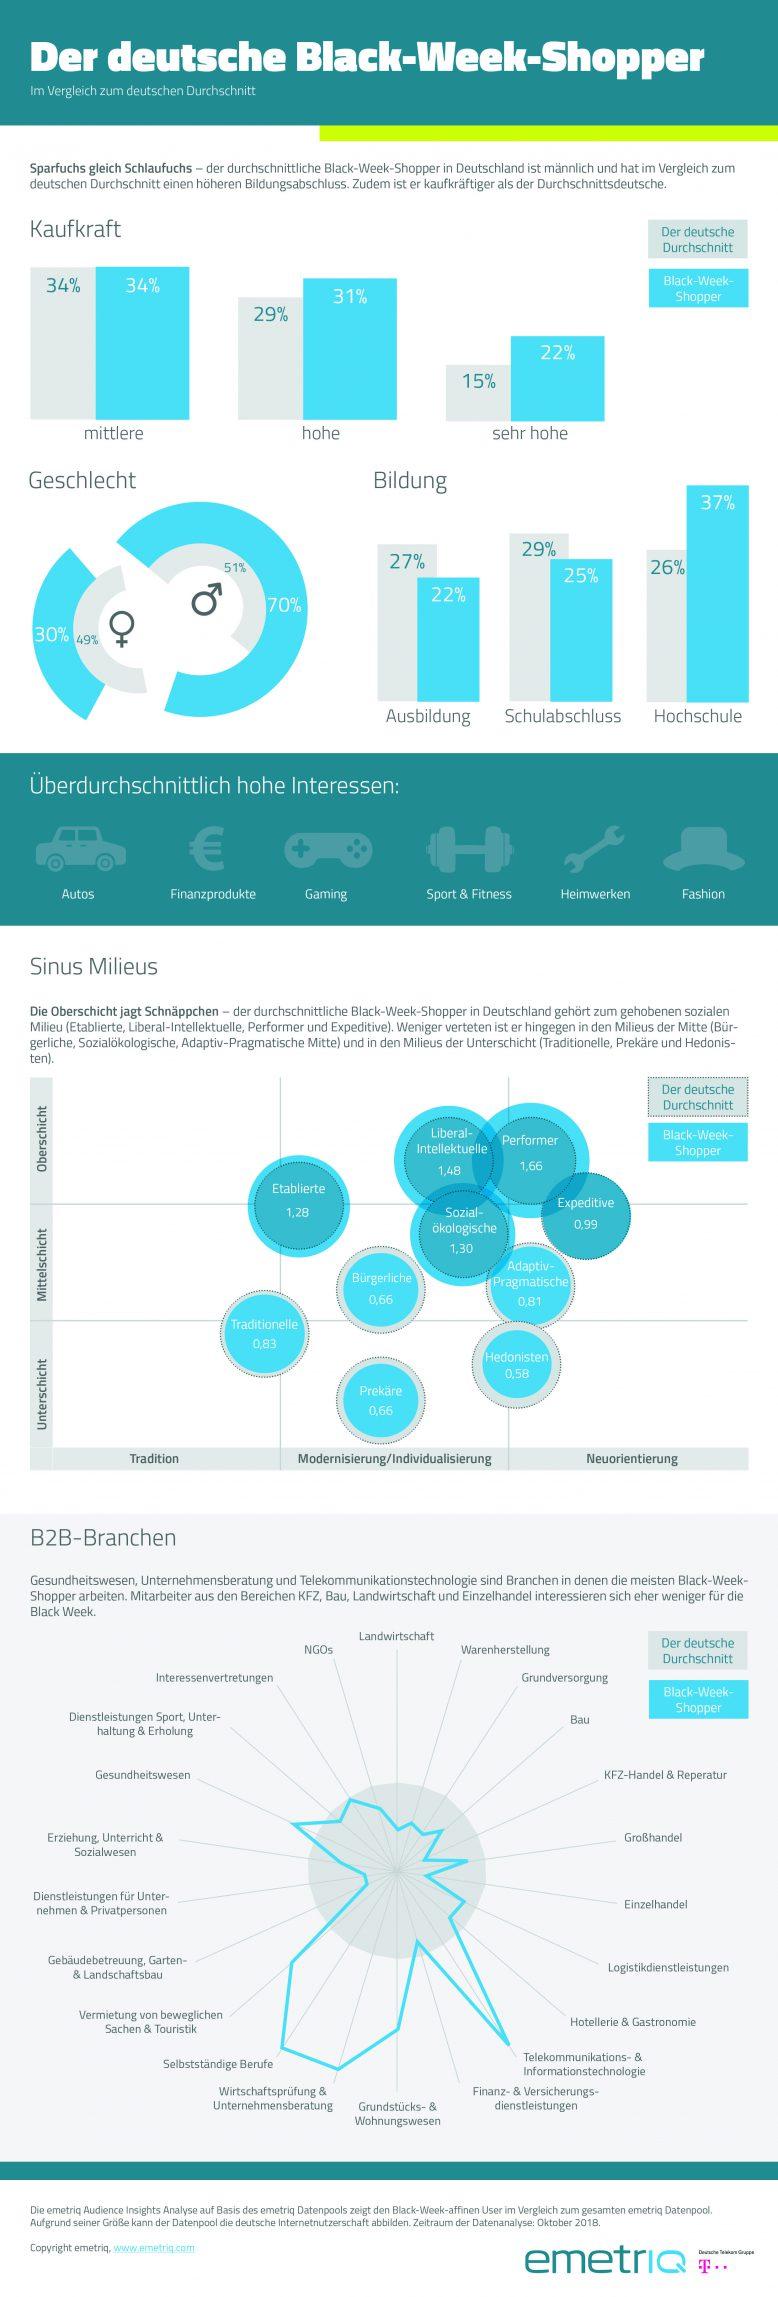 00_emetriq_infografik_blackweek_komplett_cmyk